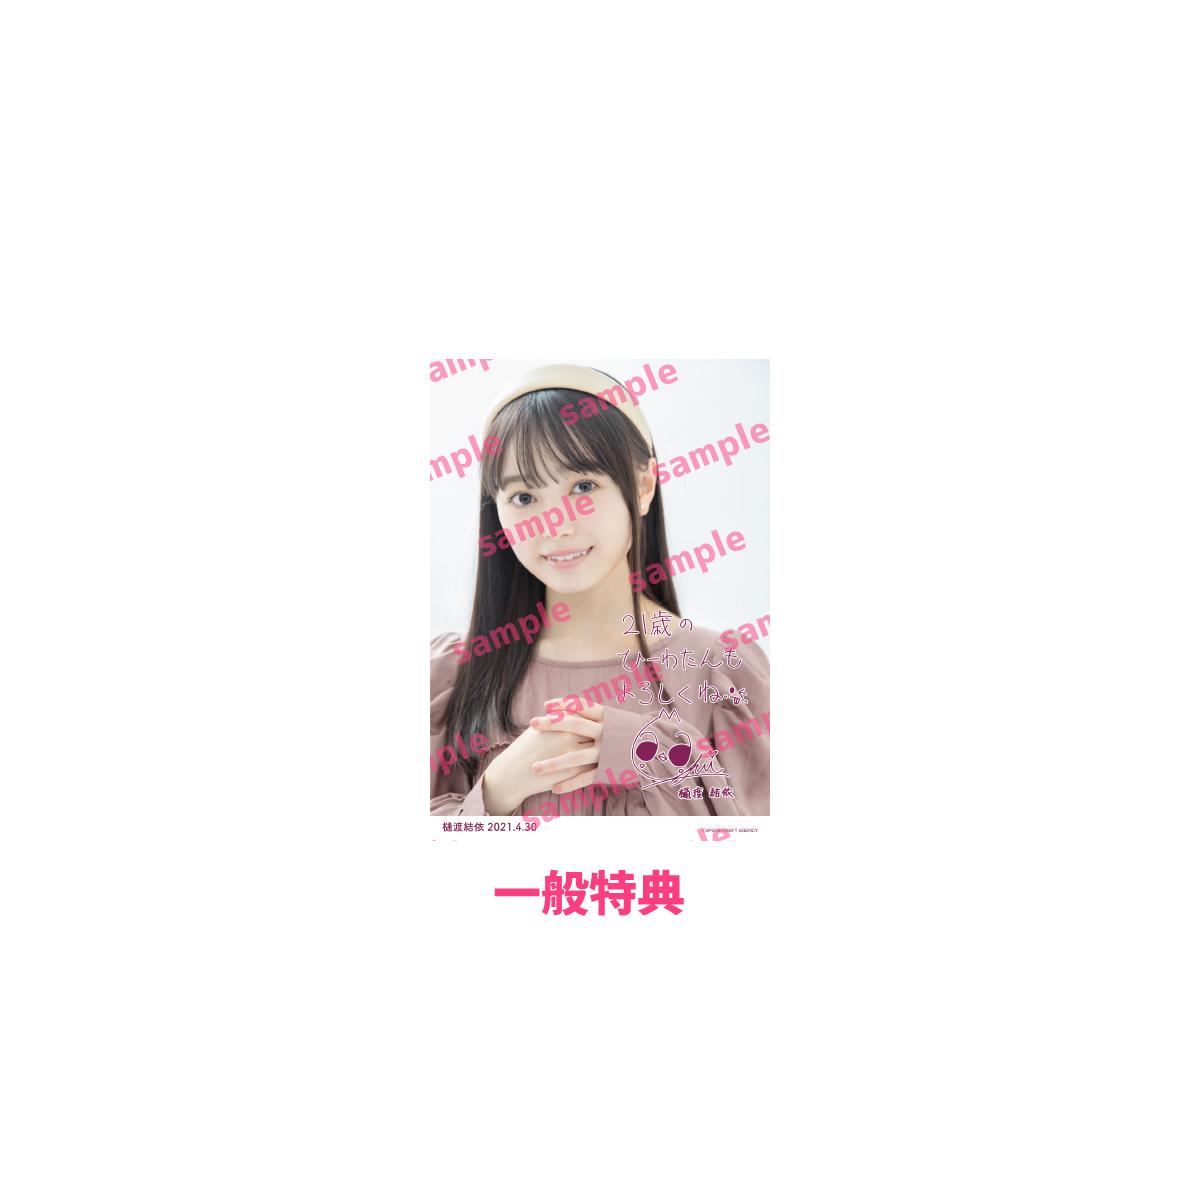 【一般】生誕Tシャツ(21歳ver.) ブラック